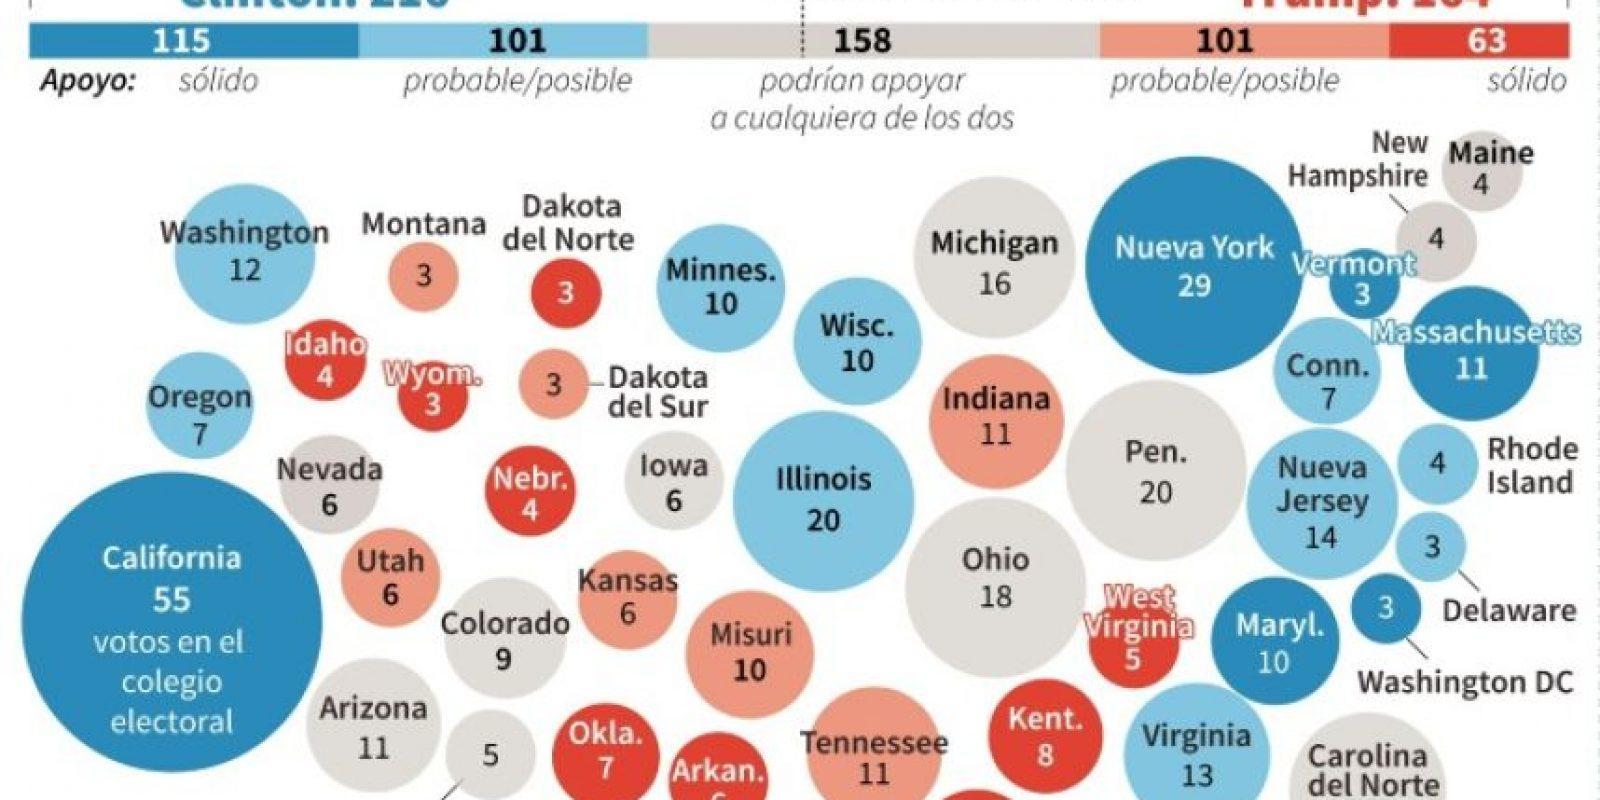 Intención de voto por estado en las elecciones presidenciales en EEUU Foto:Paz PIZARRO, Thomas SAINT-CRICQ/afp.com